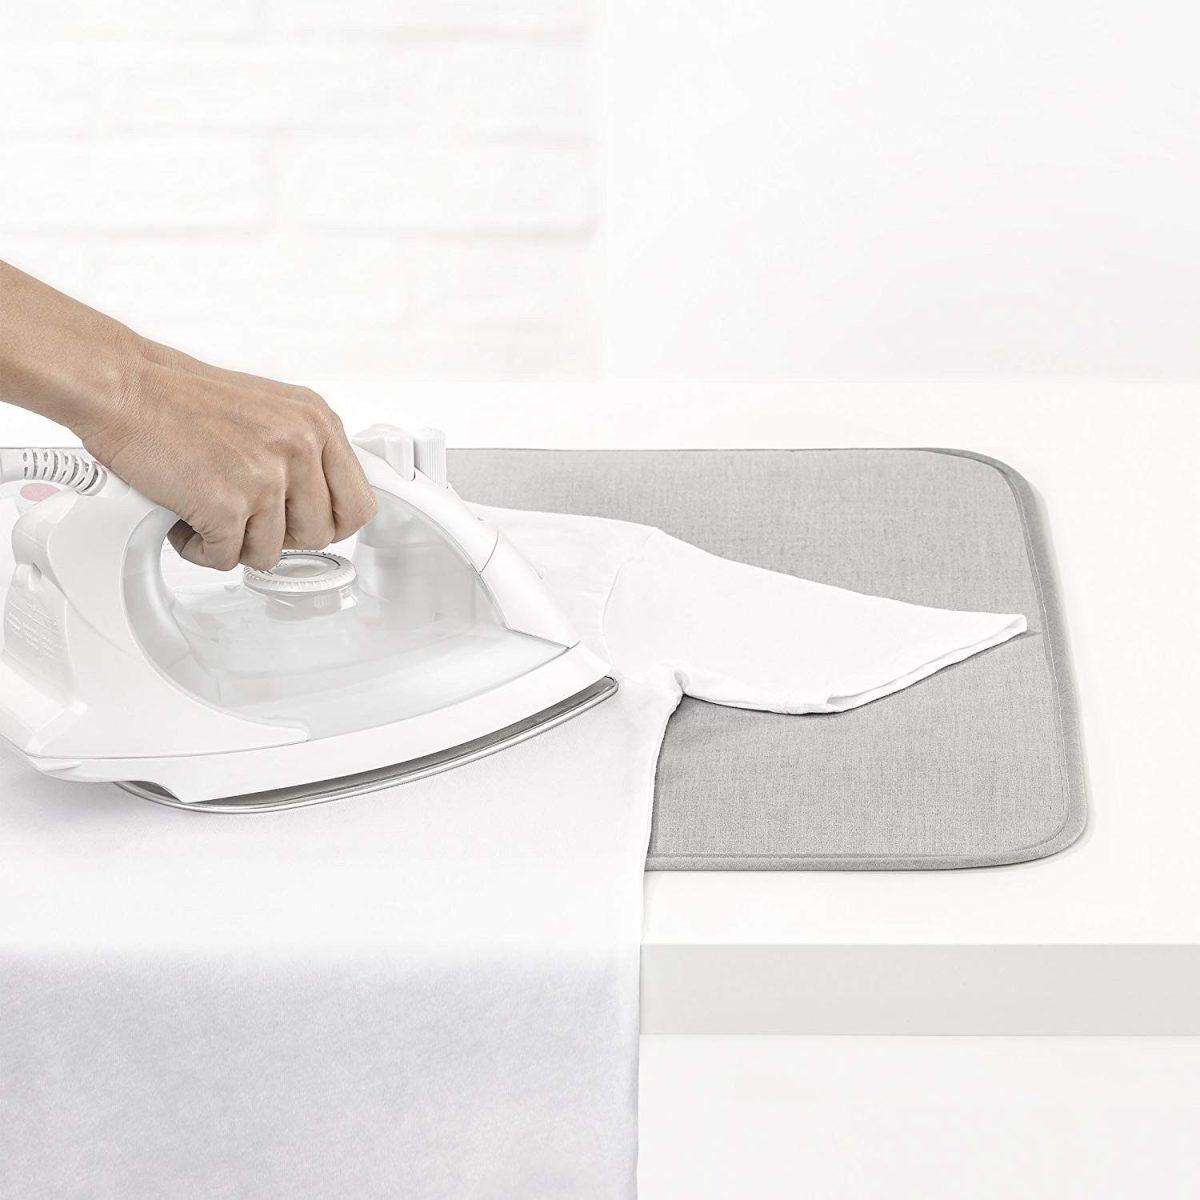 Protector mesa para plancha 90 x 55 cms.